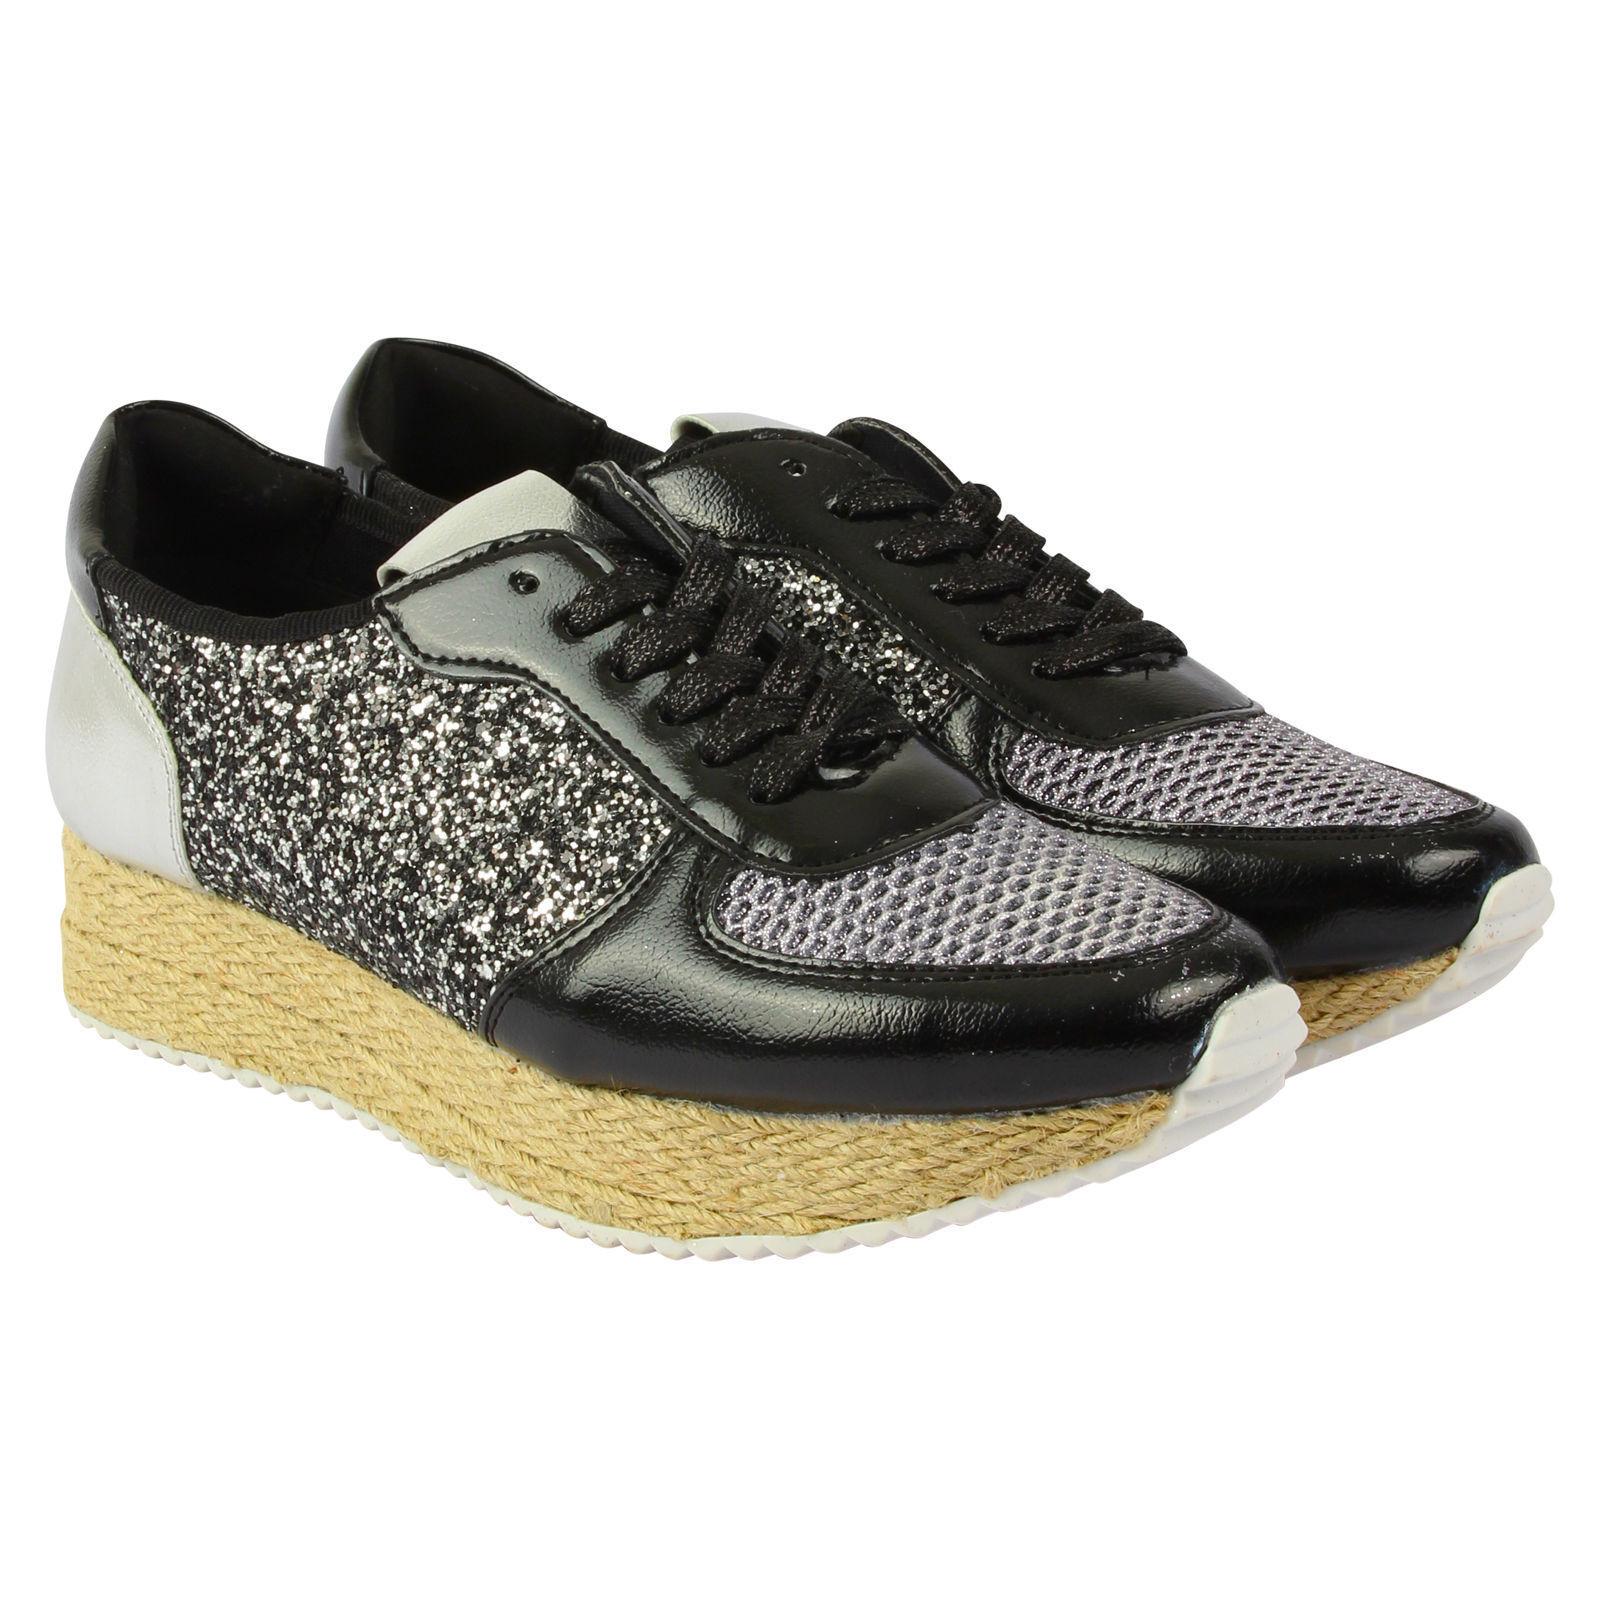 Haut Femme Trendy Baskets à Lacets Plateforme Femmes Chaussures De Course Noir Cheville Taille 7